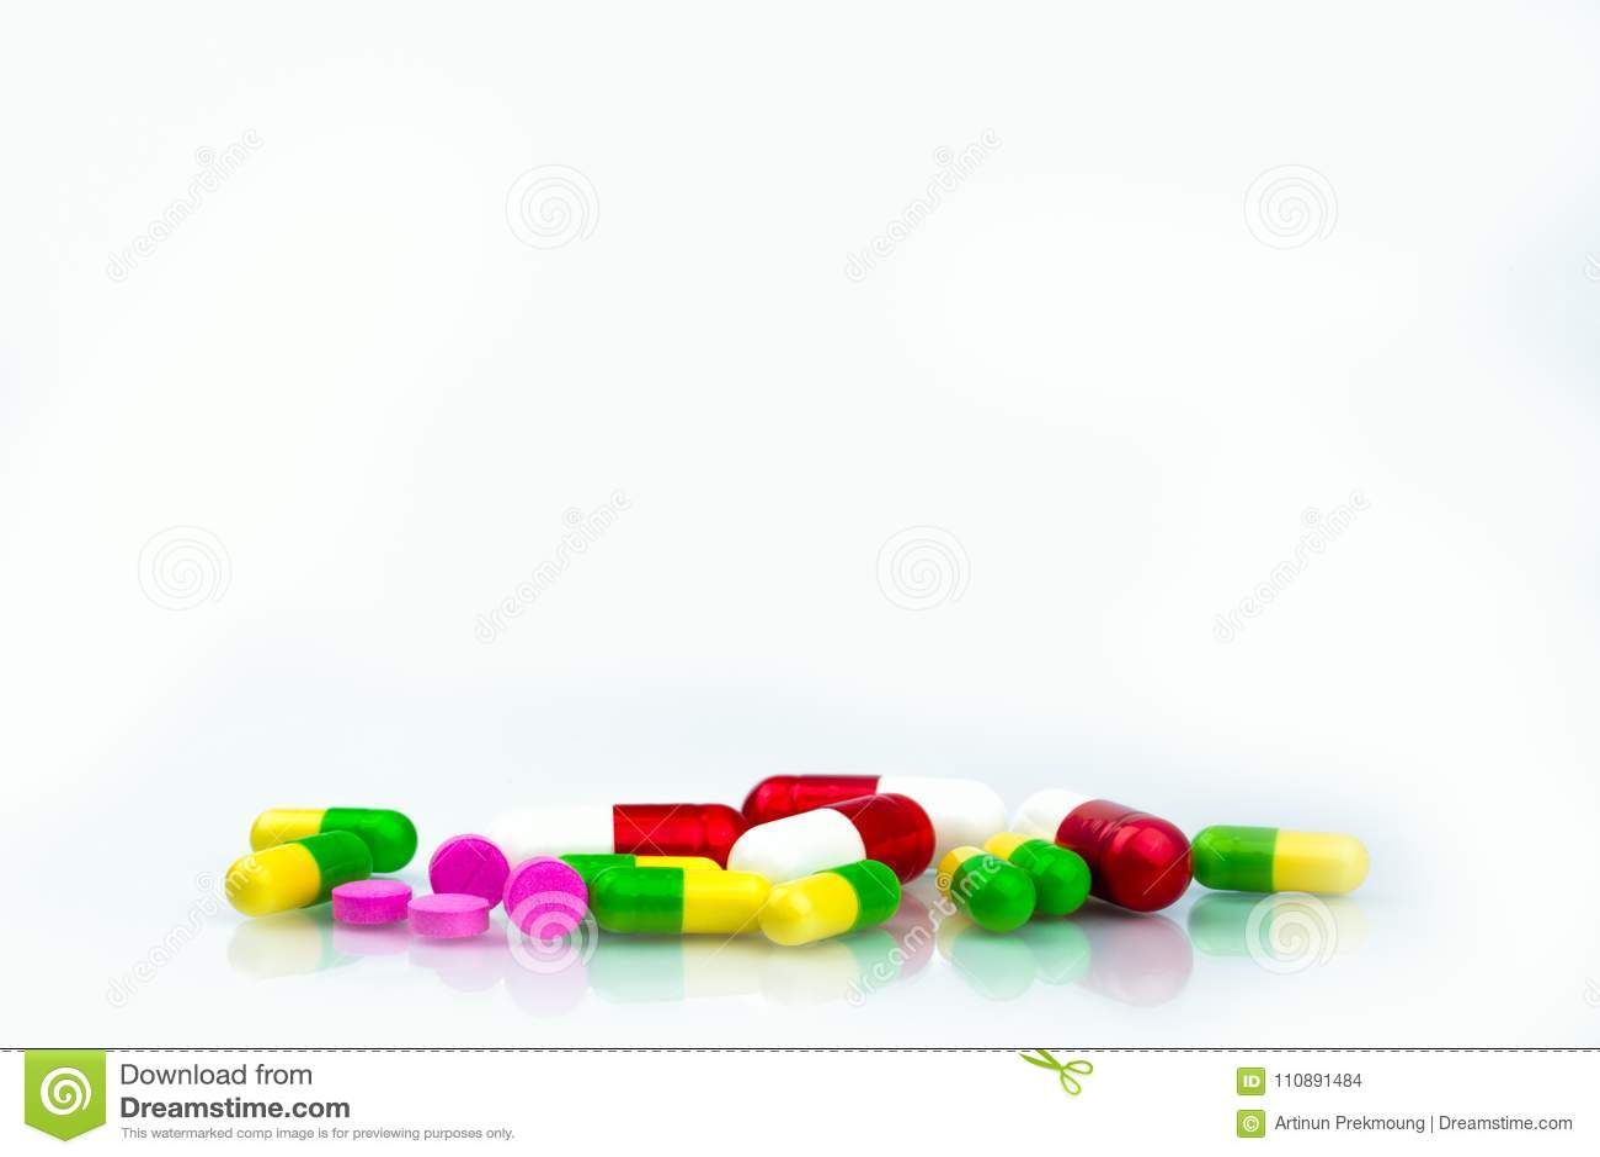 Σωρός των ζωηρόχρωμων χαπιών καψών και ταμπλετών στο άσπρο υπόβαθρο με το διάστημα αντιγράφων για το κείμενο Τμήμα φαρμακείων στο